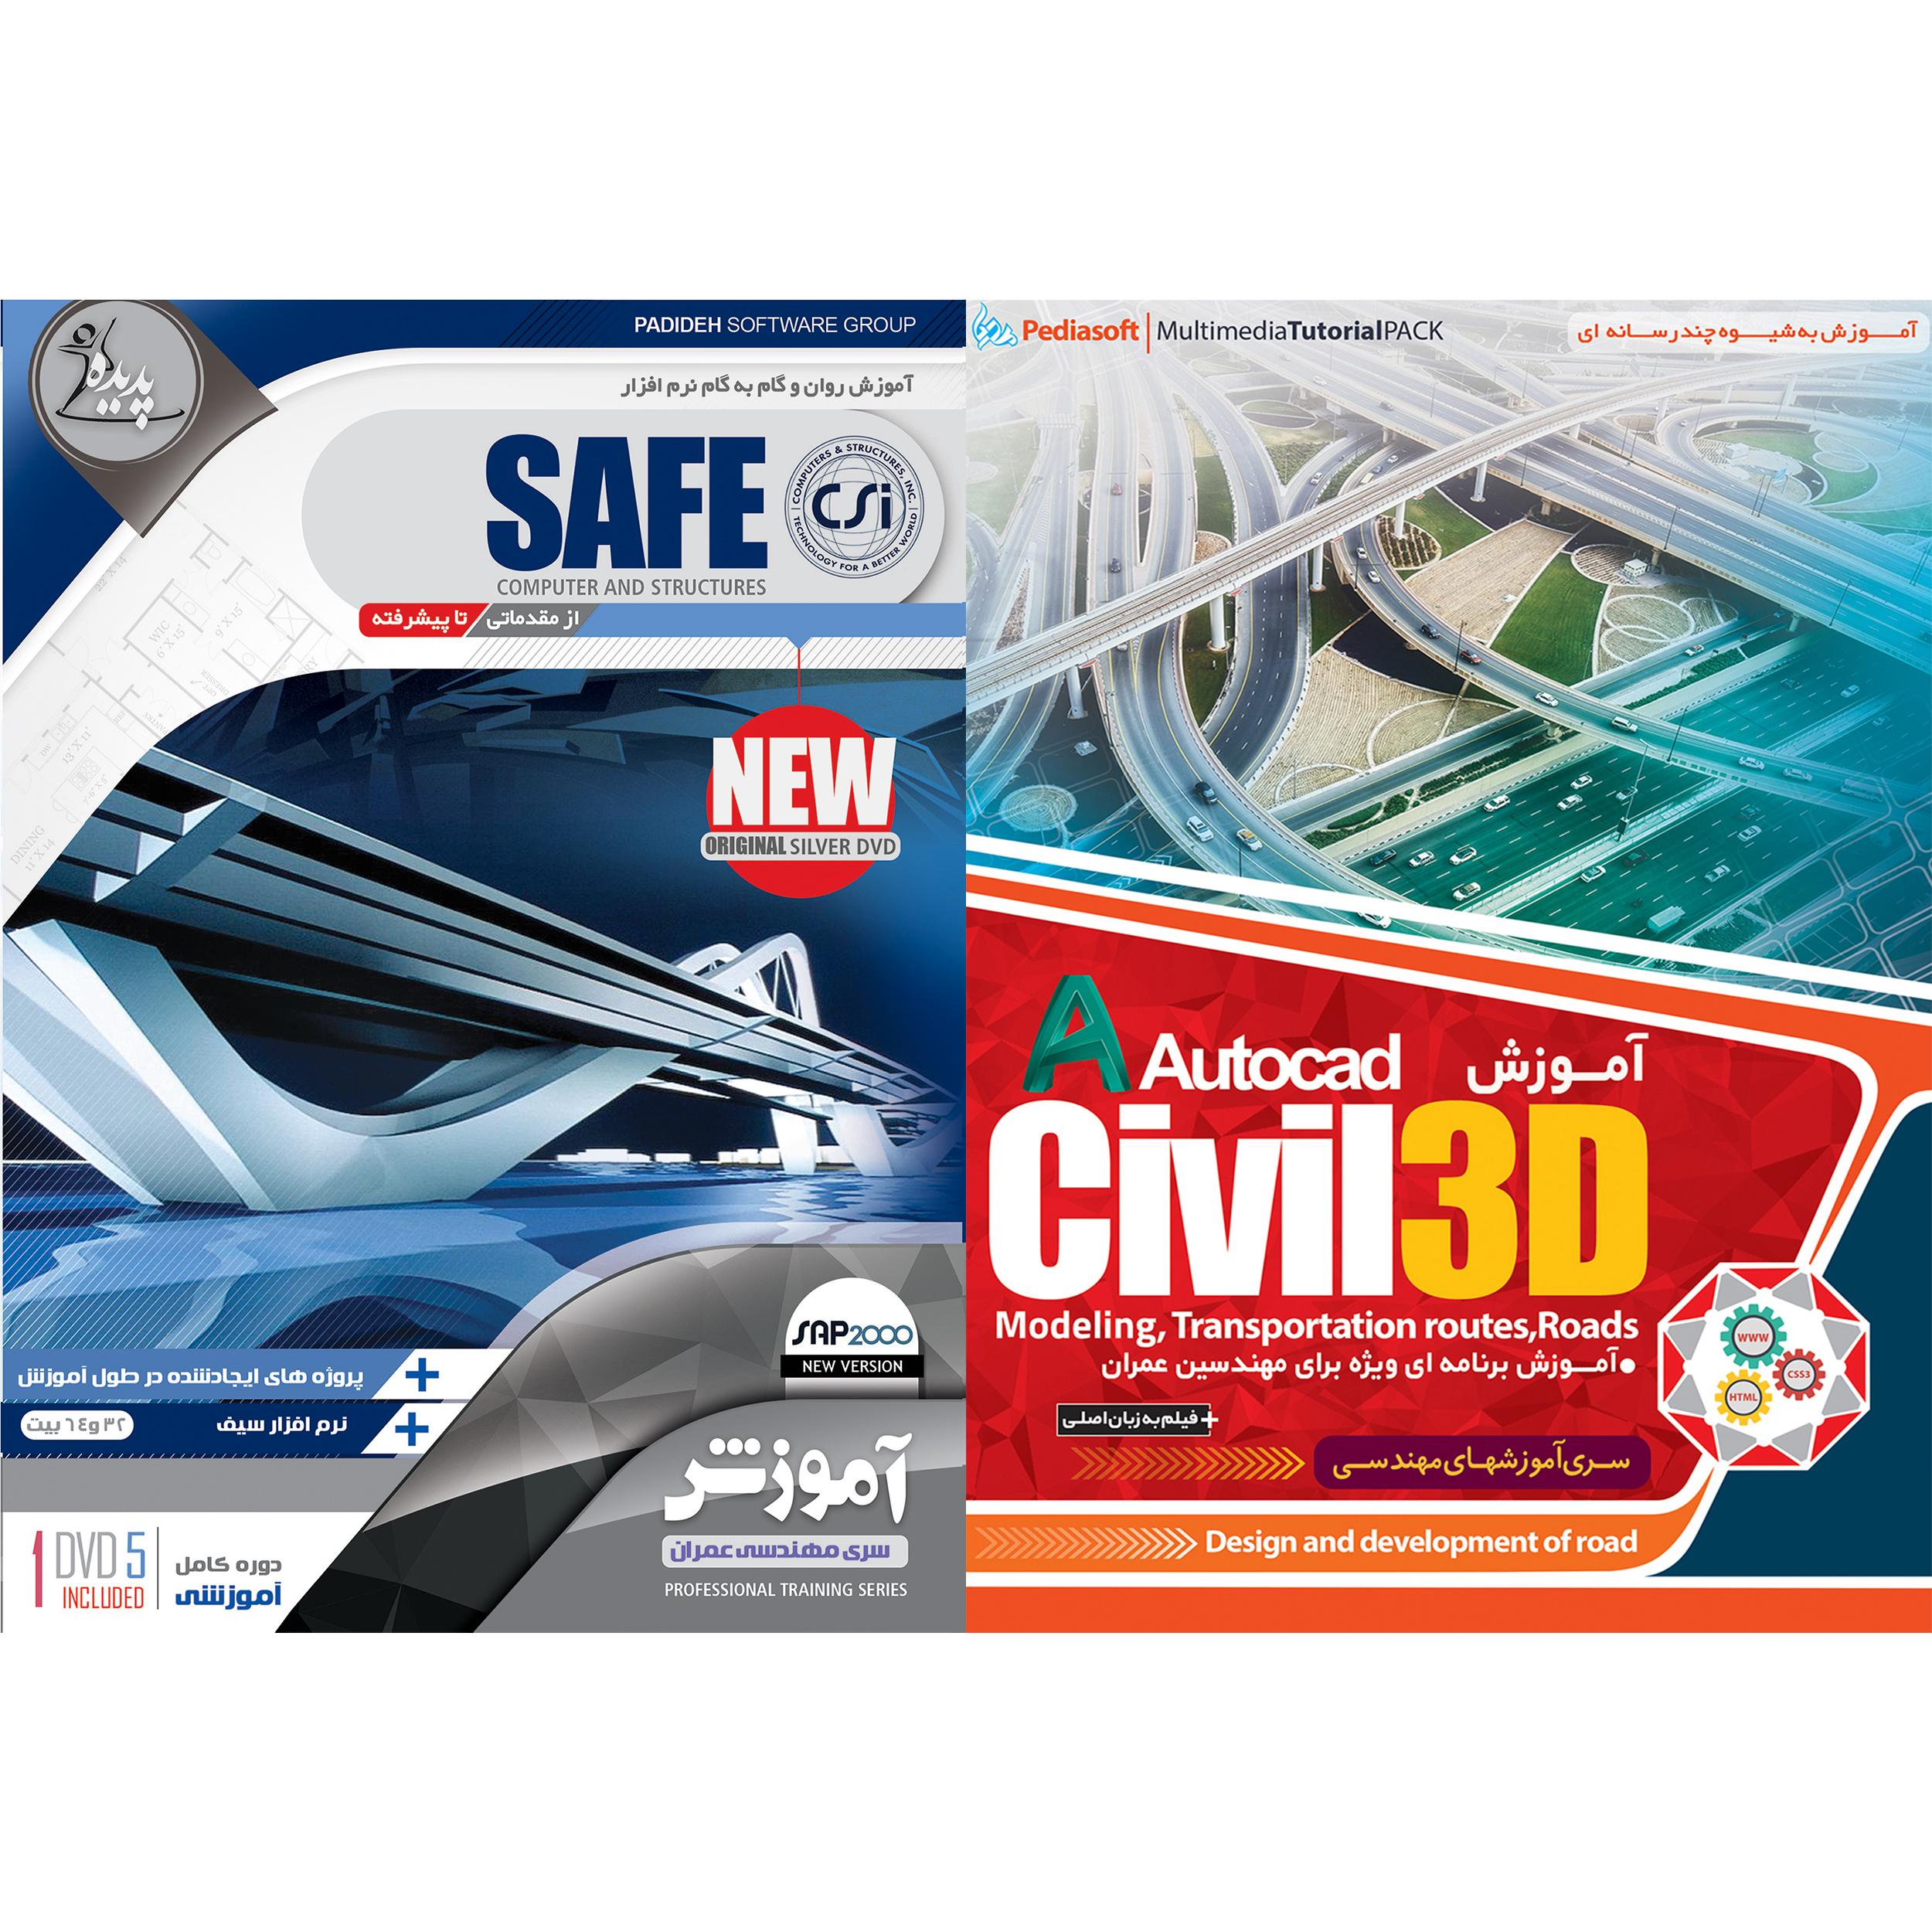 نرم افزار آموزش CIVIL 3D نشر پدیا سافت به همراه نرم افزار آموزش SAFE نشر پدیده